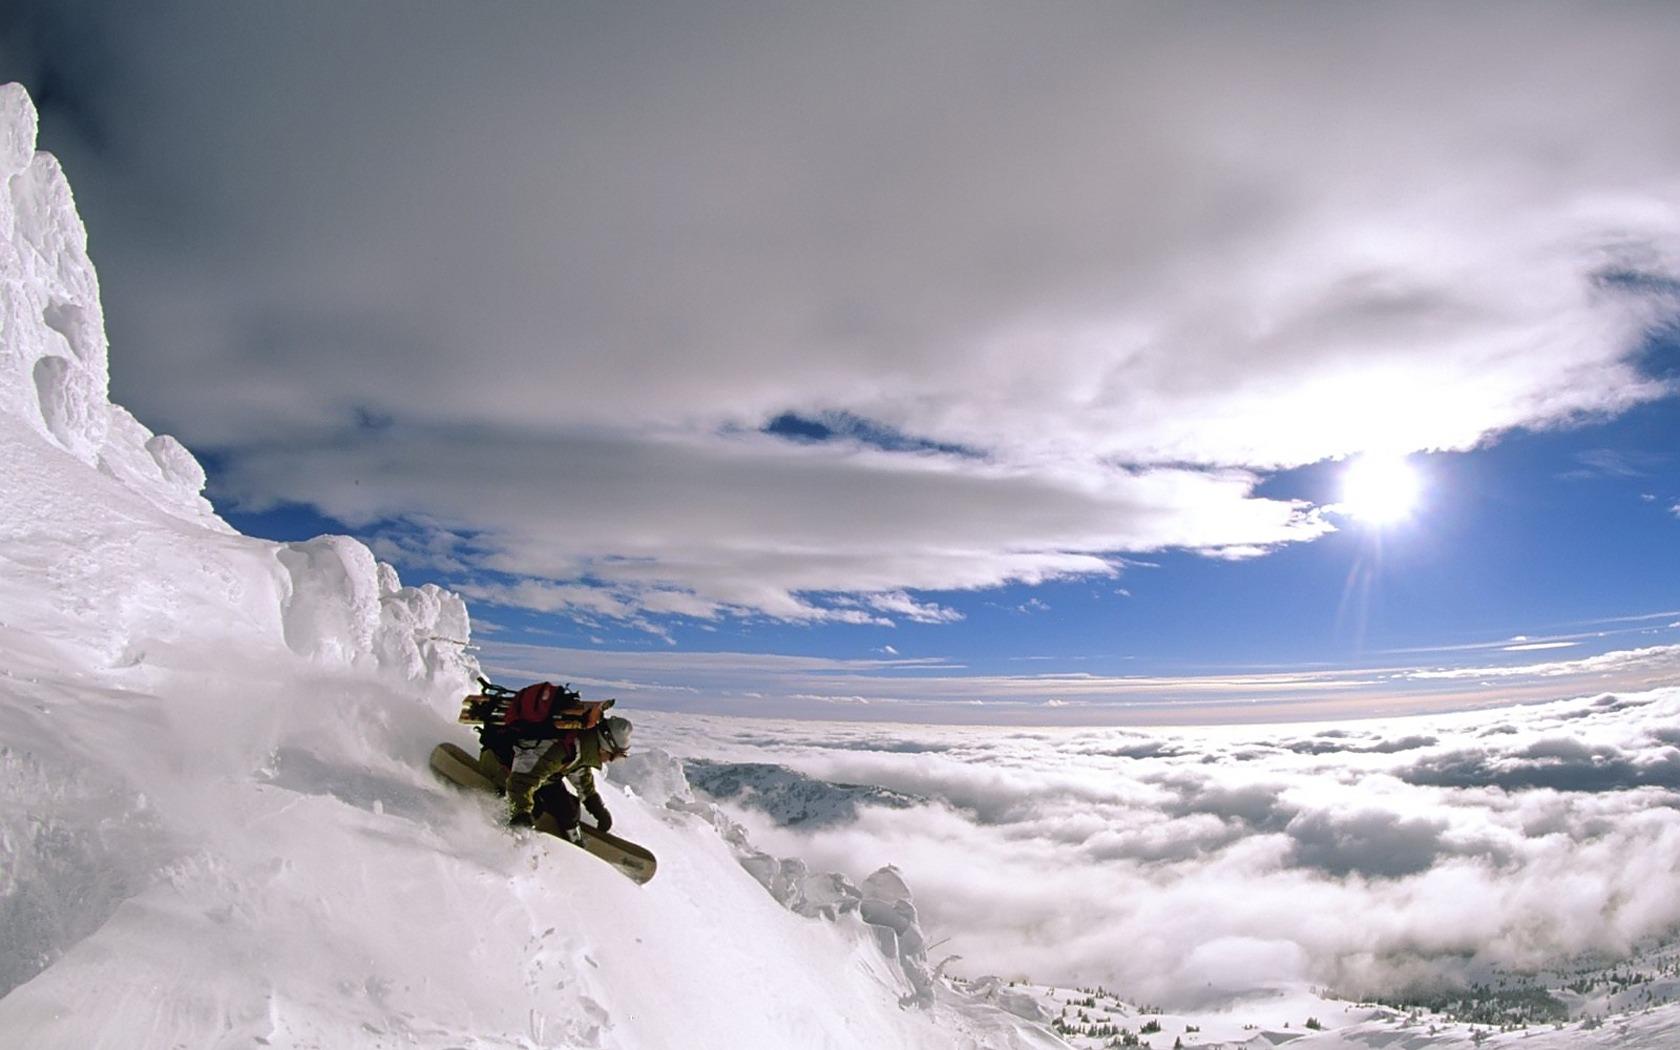 Сноуборд, фото, зима, снег, обои на рабочий стол